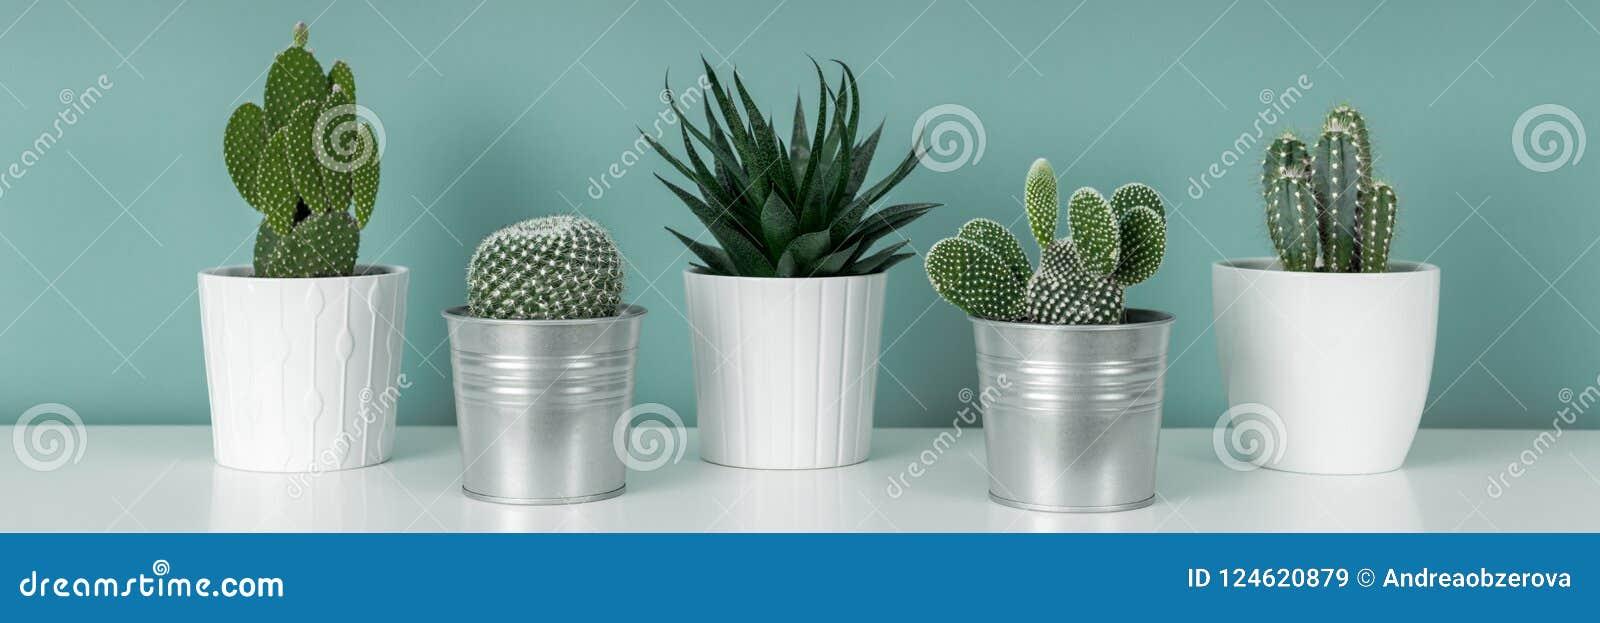 Samlingen av olika inlagda kaktushusväxter på den vita hyllan mot pastellfärgad turkos färgade väggen Kaktuns planterar banret